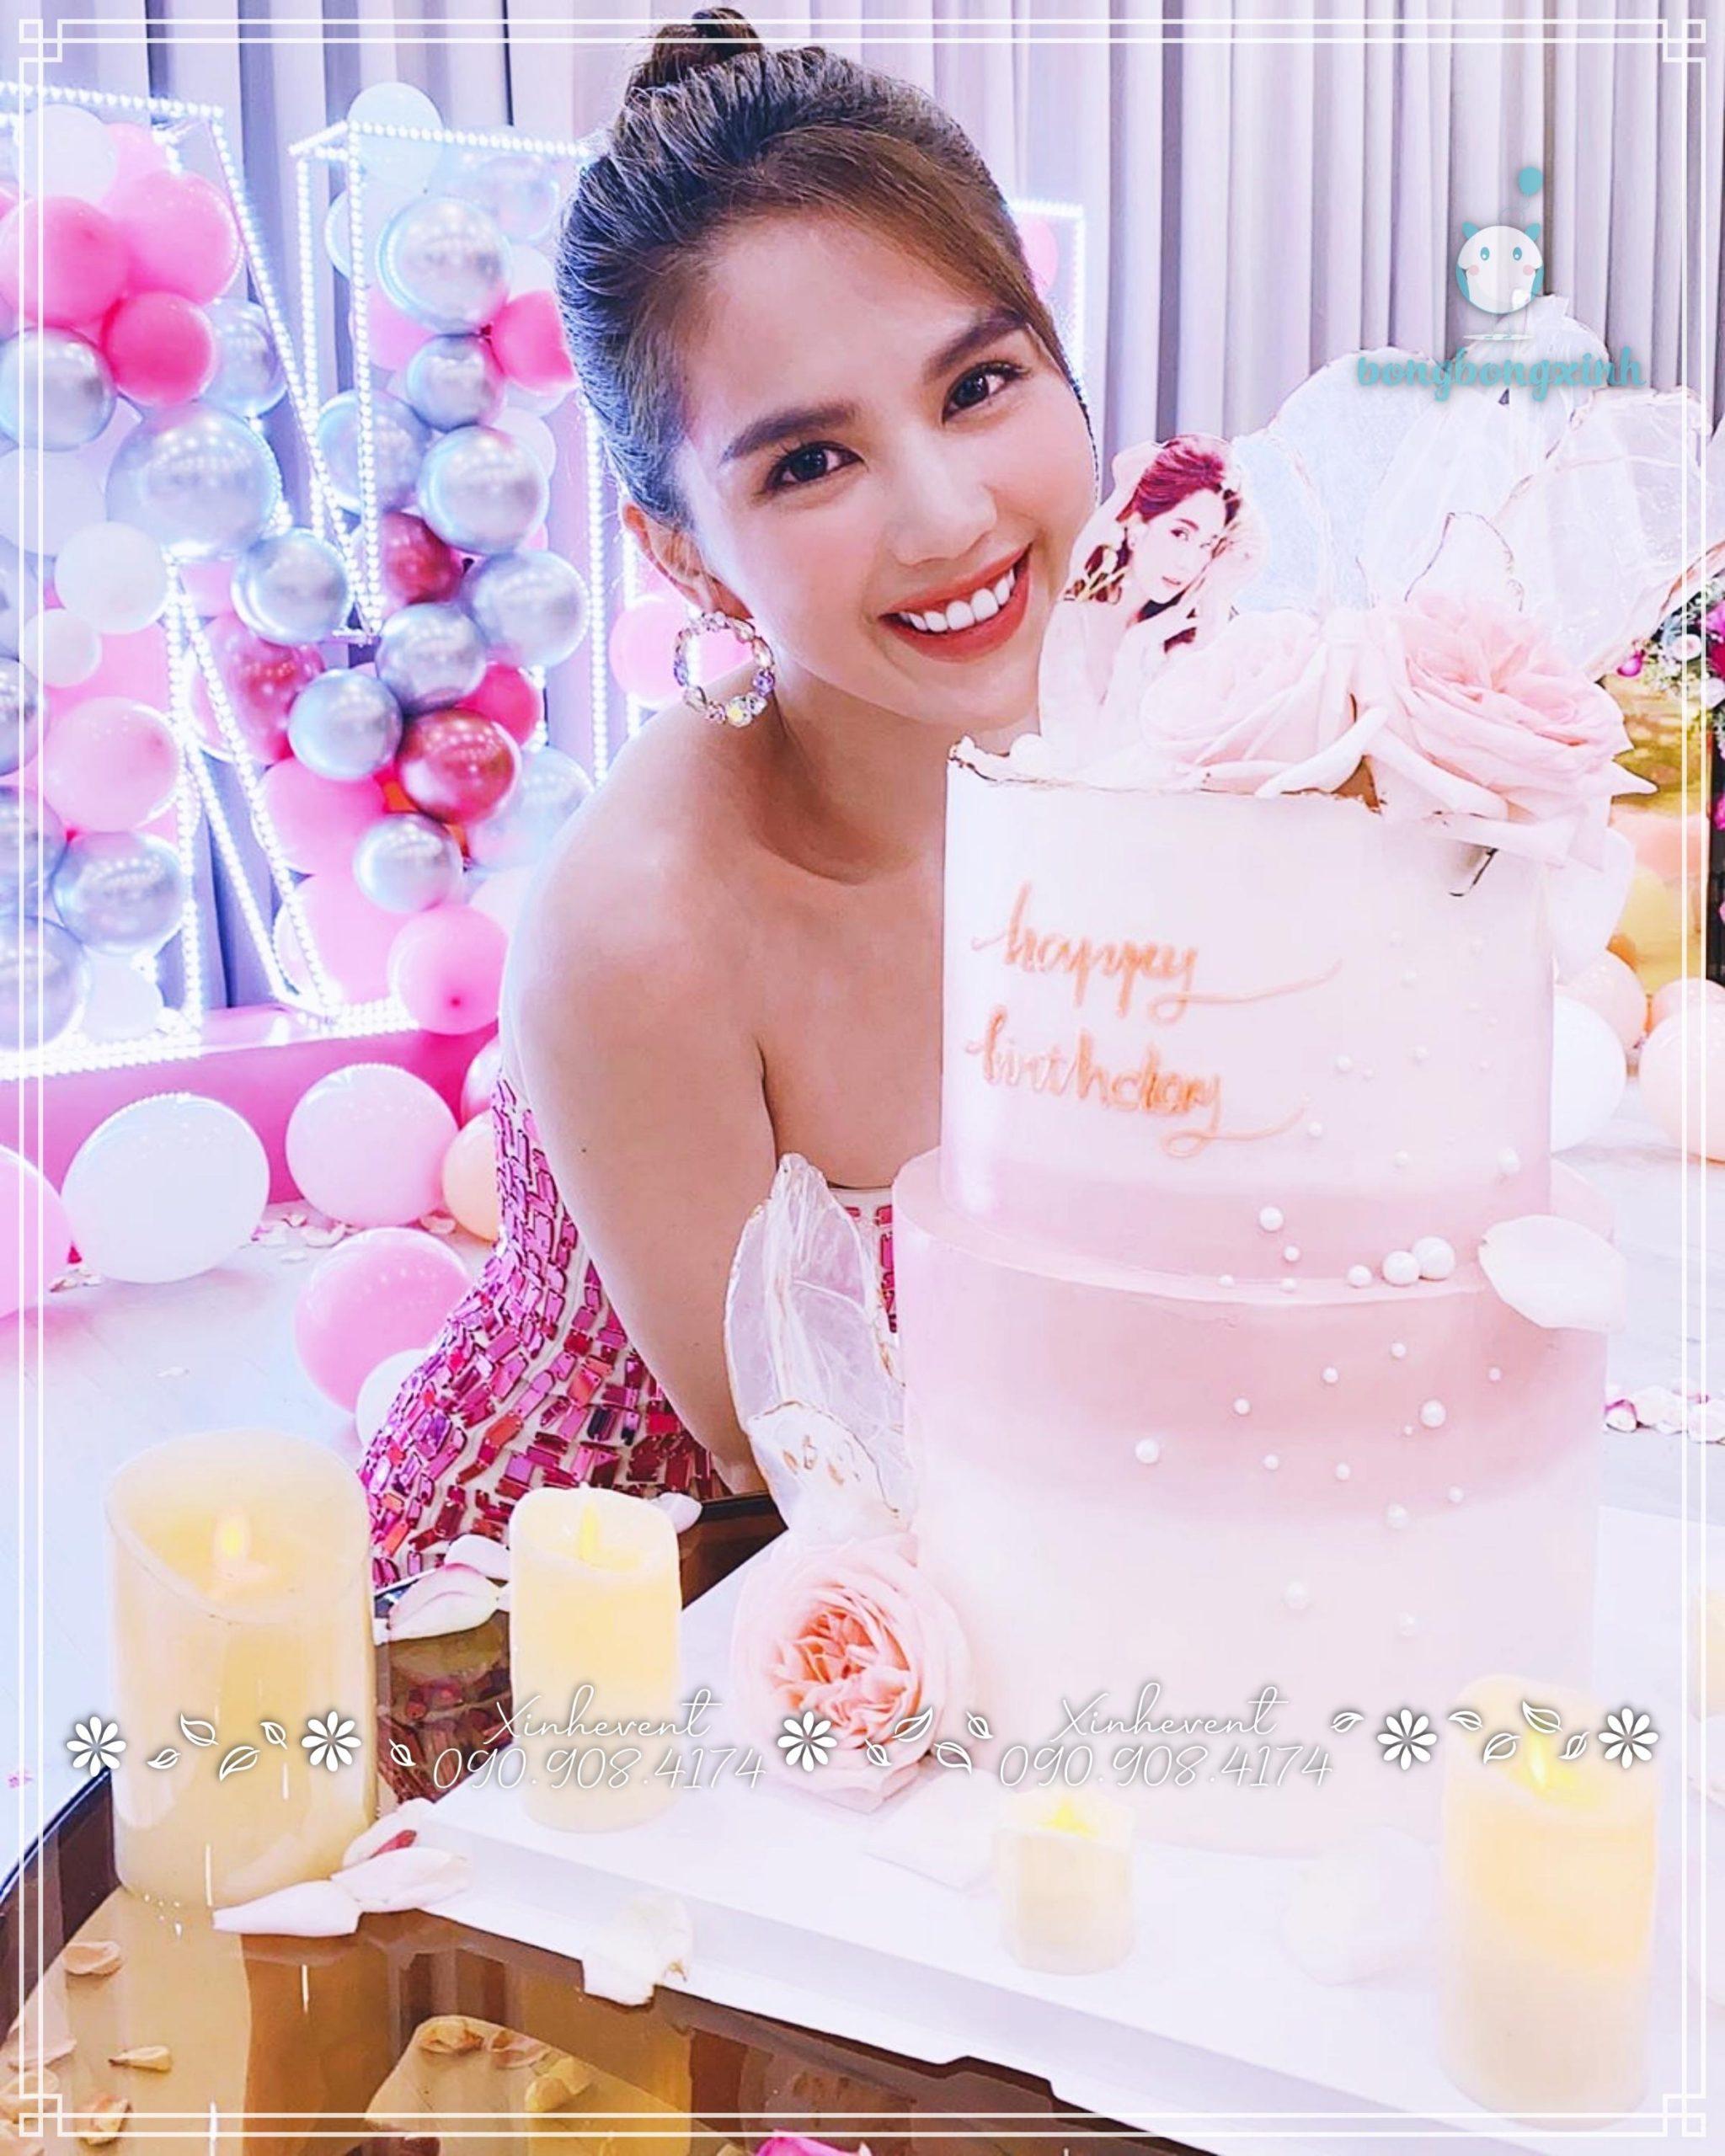 Chị Ngọc Trinh xinh đẹp bên bánh kem